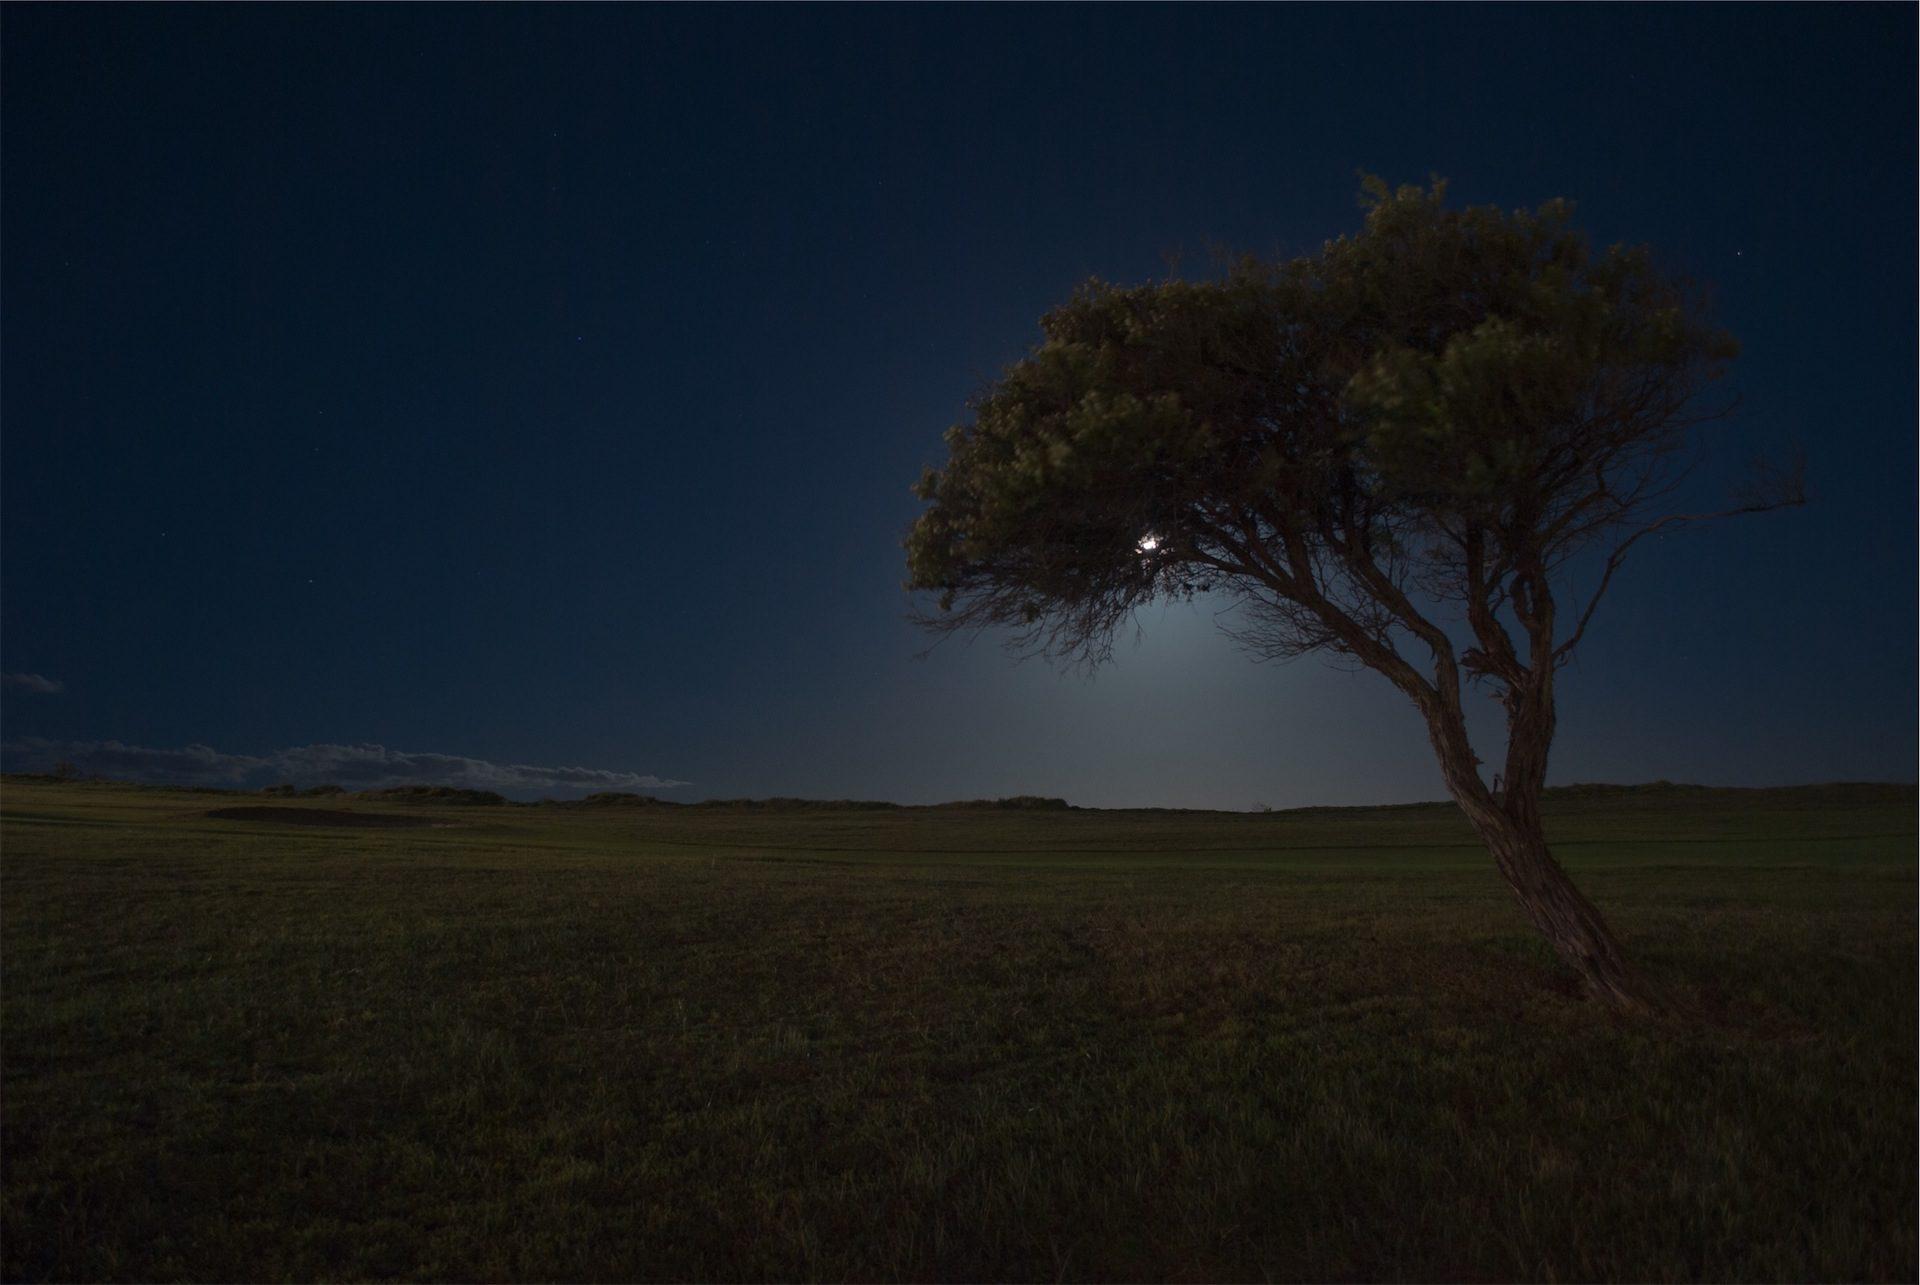 árbol, noche, luna, resplandor, soledad - Fondos de Pantalla HD - professor-falken.com